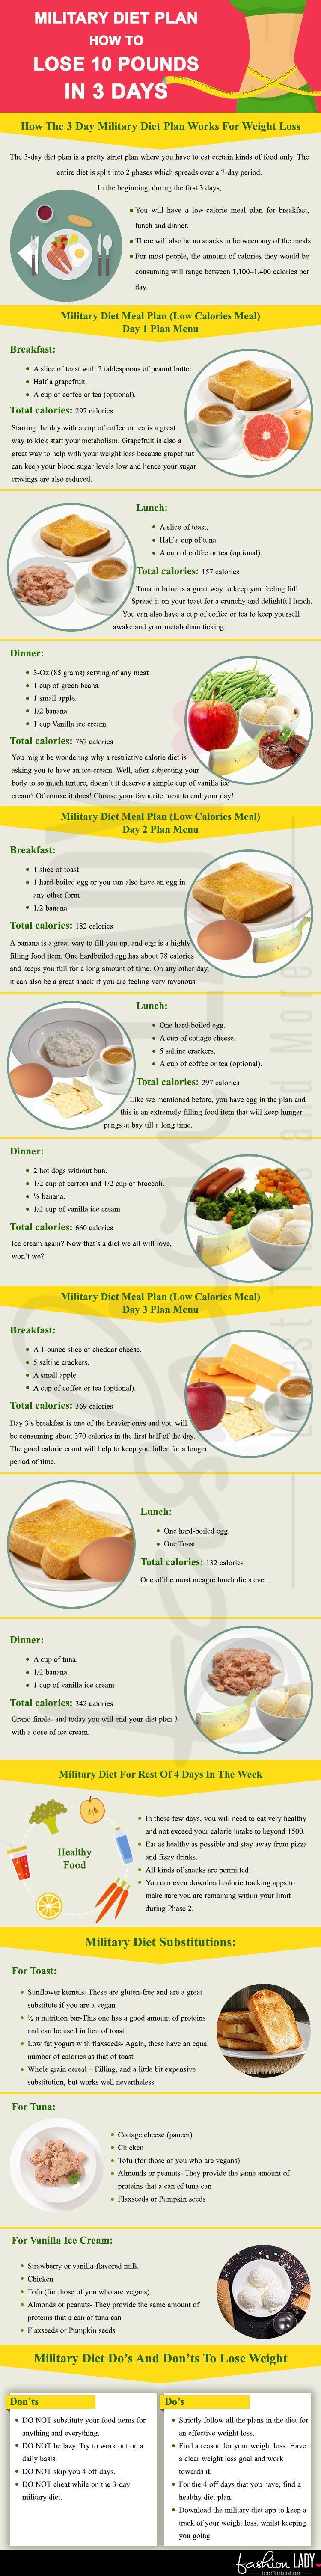 U of c weight loss program